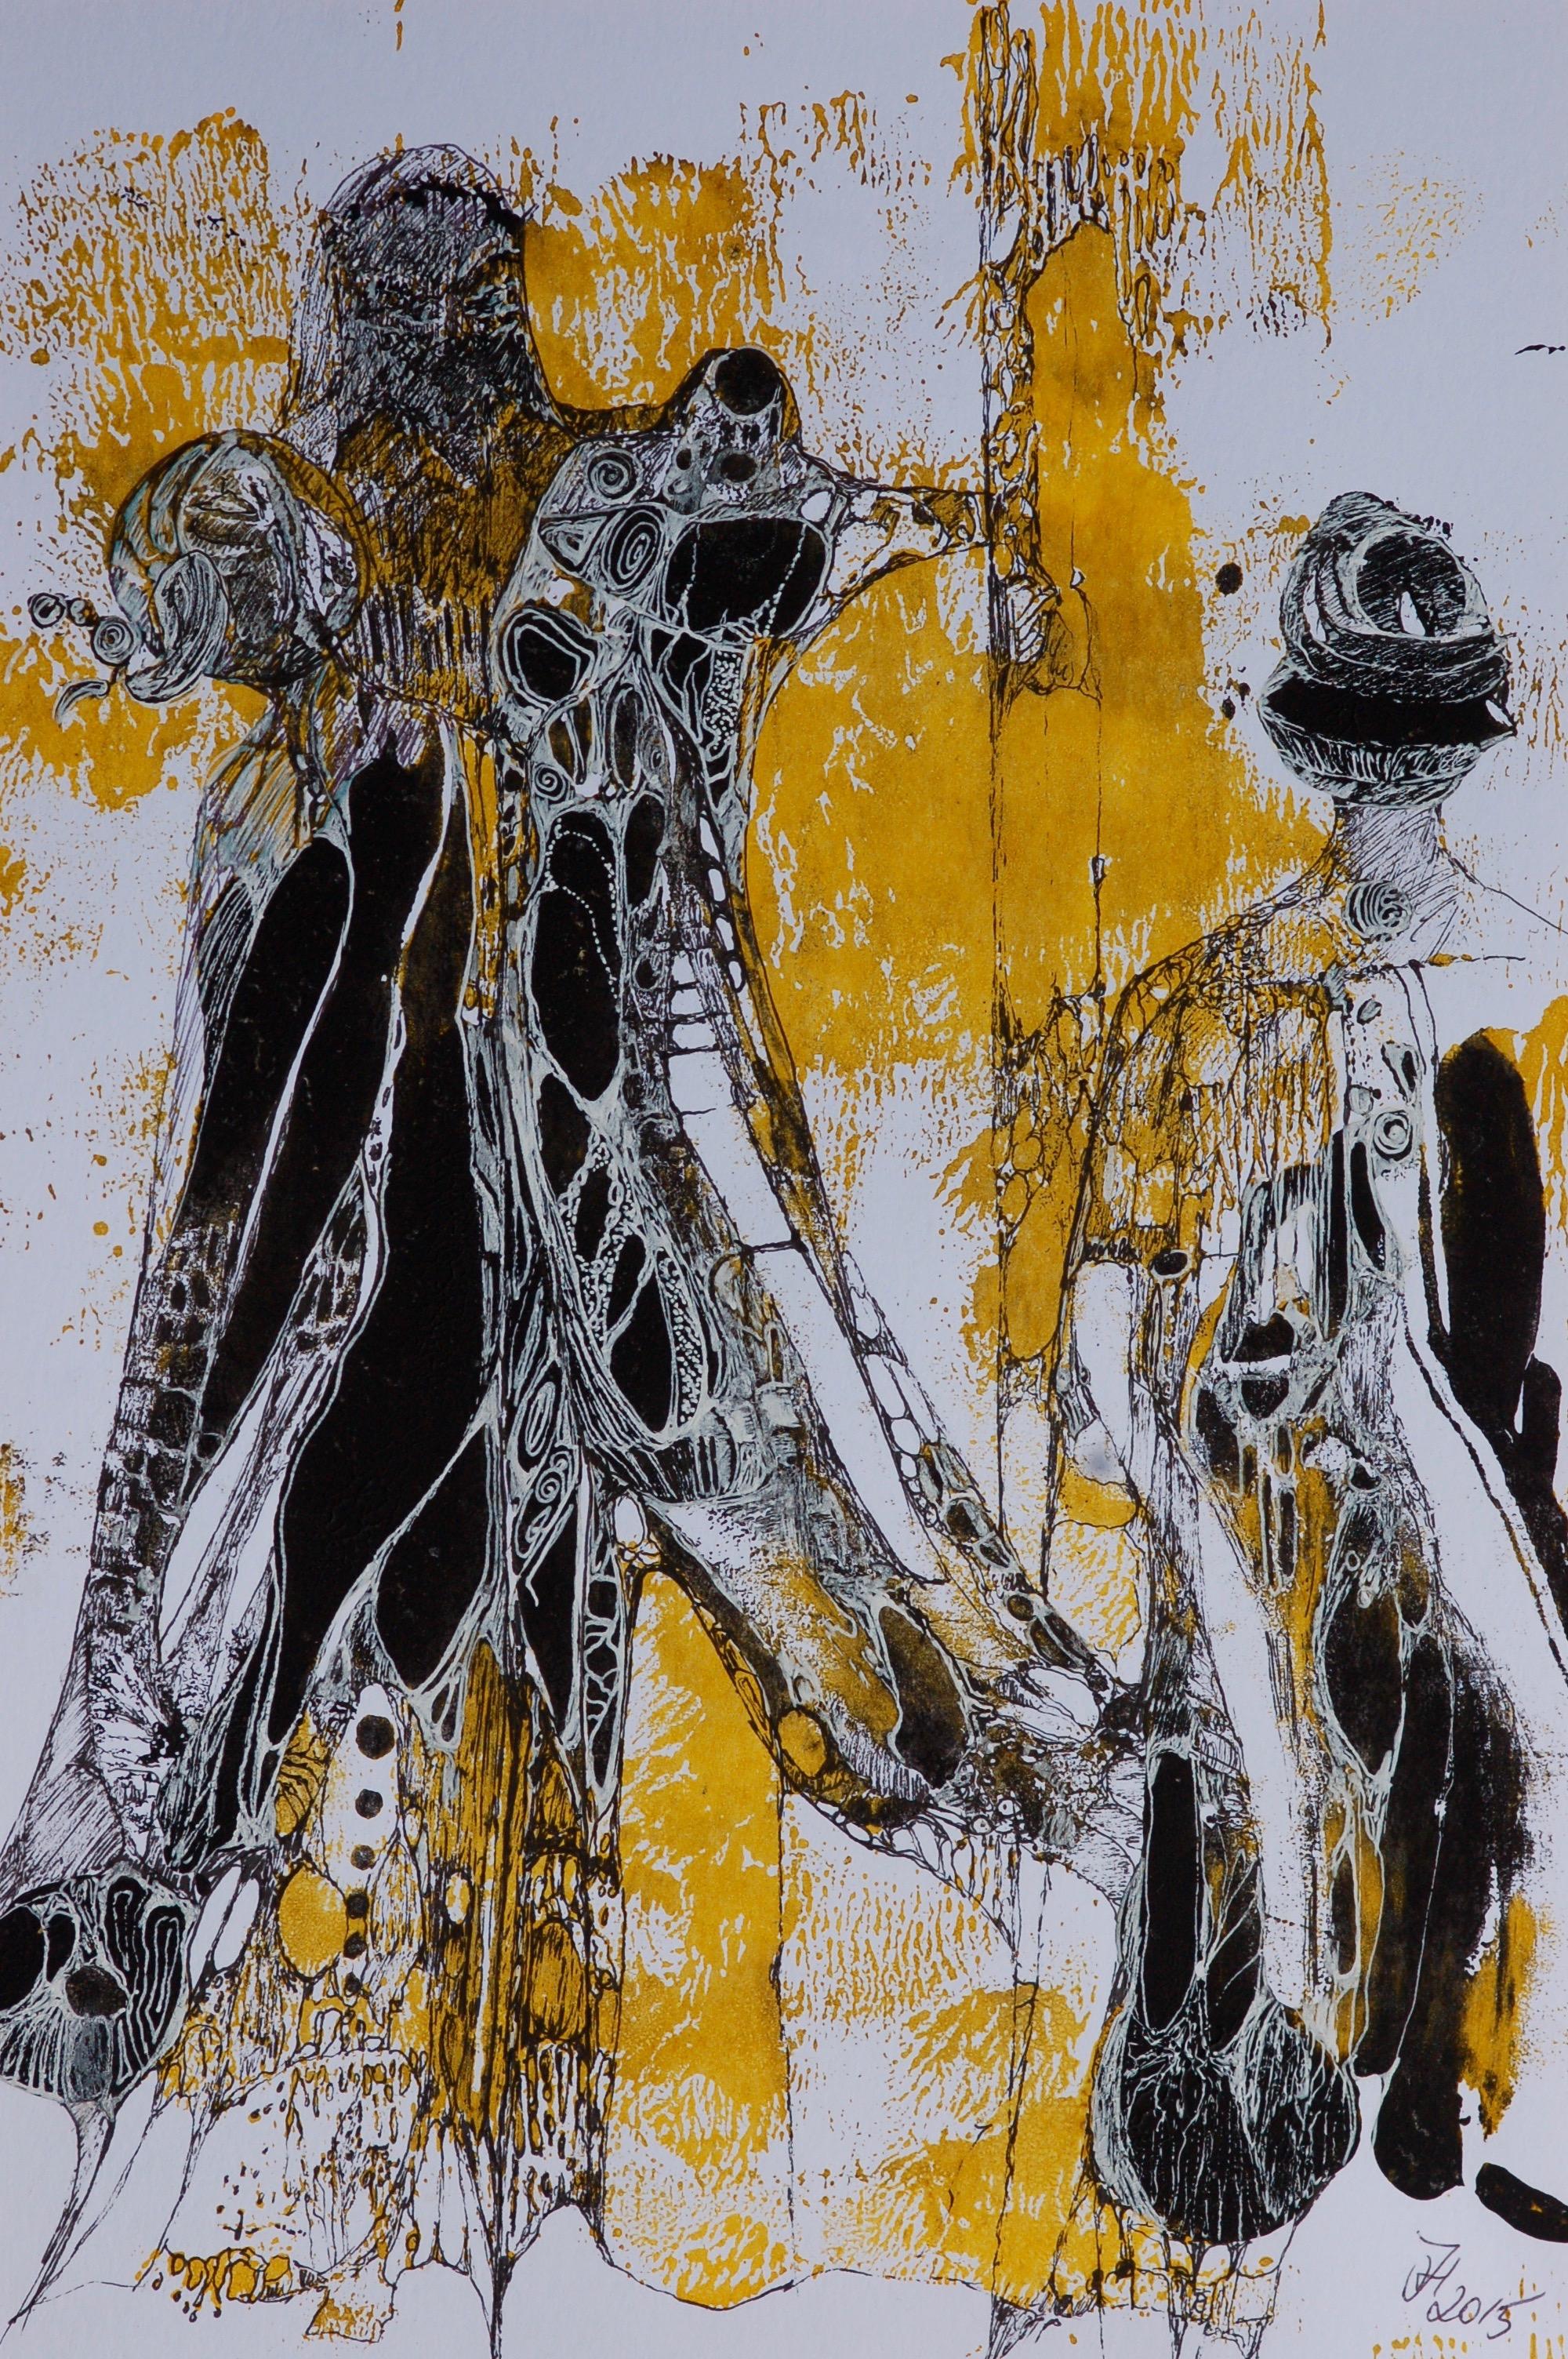 donne in giallo e nero